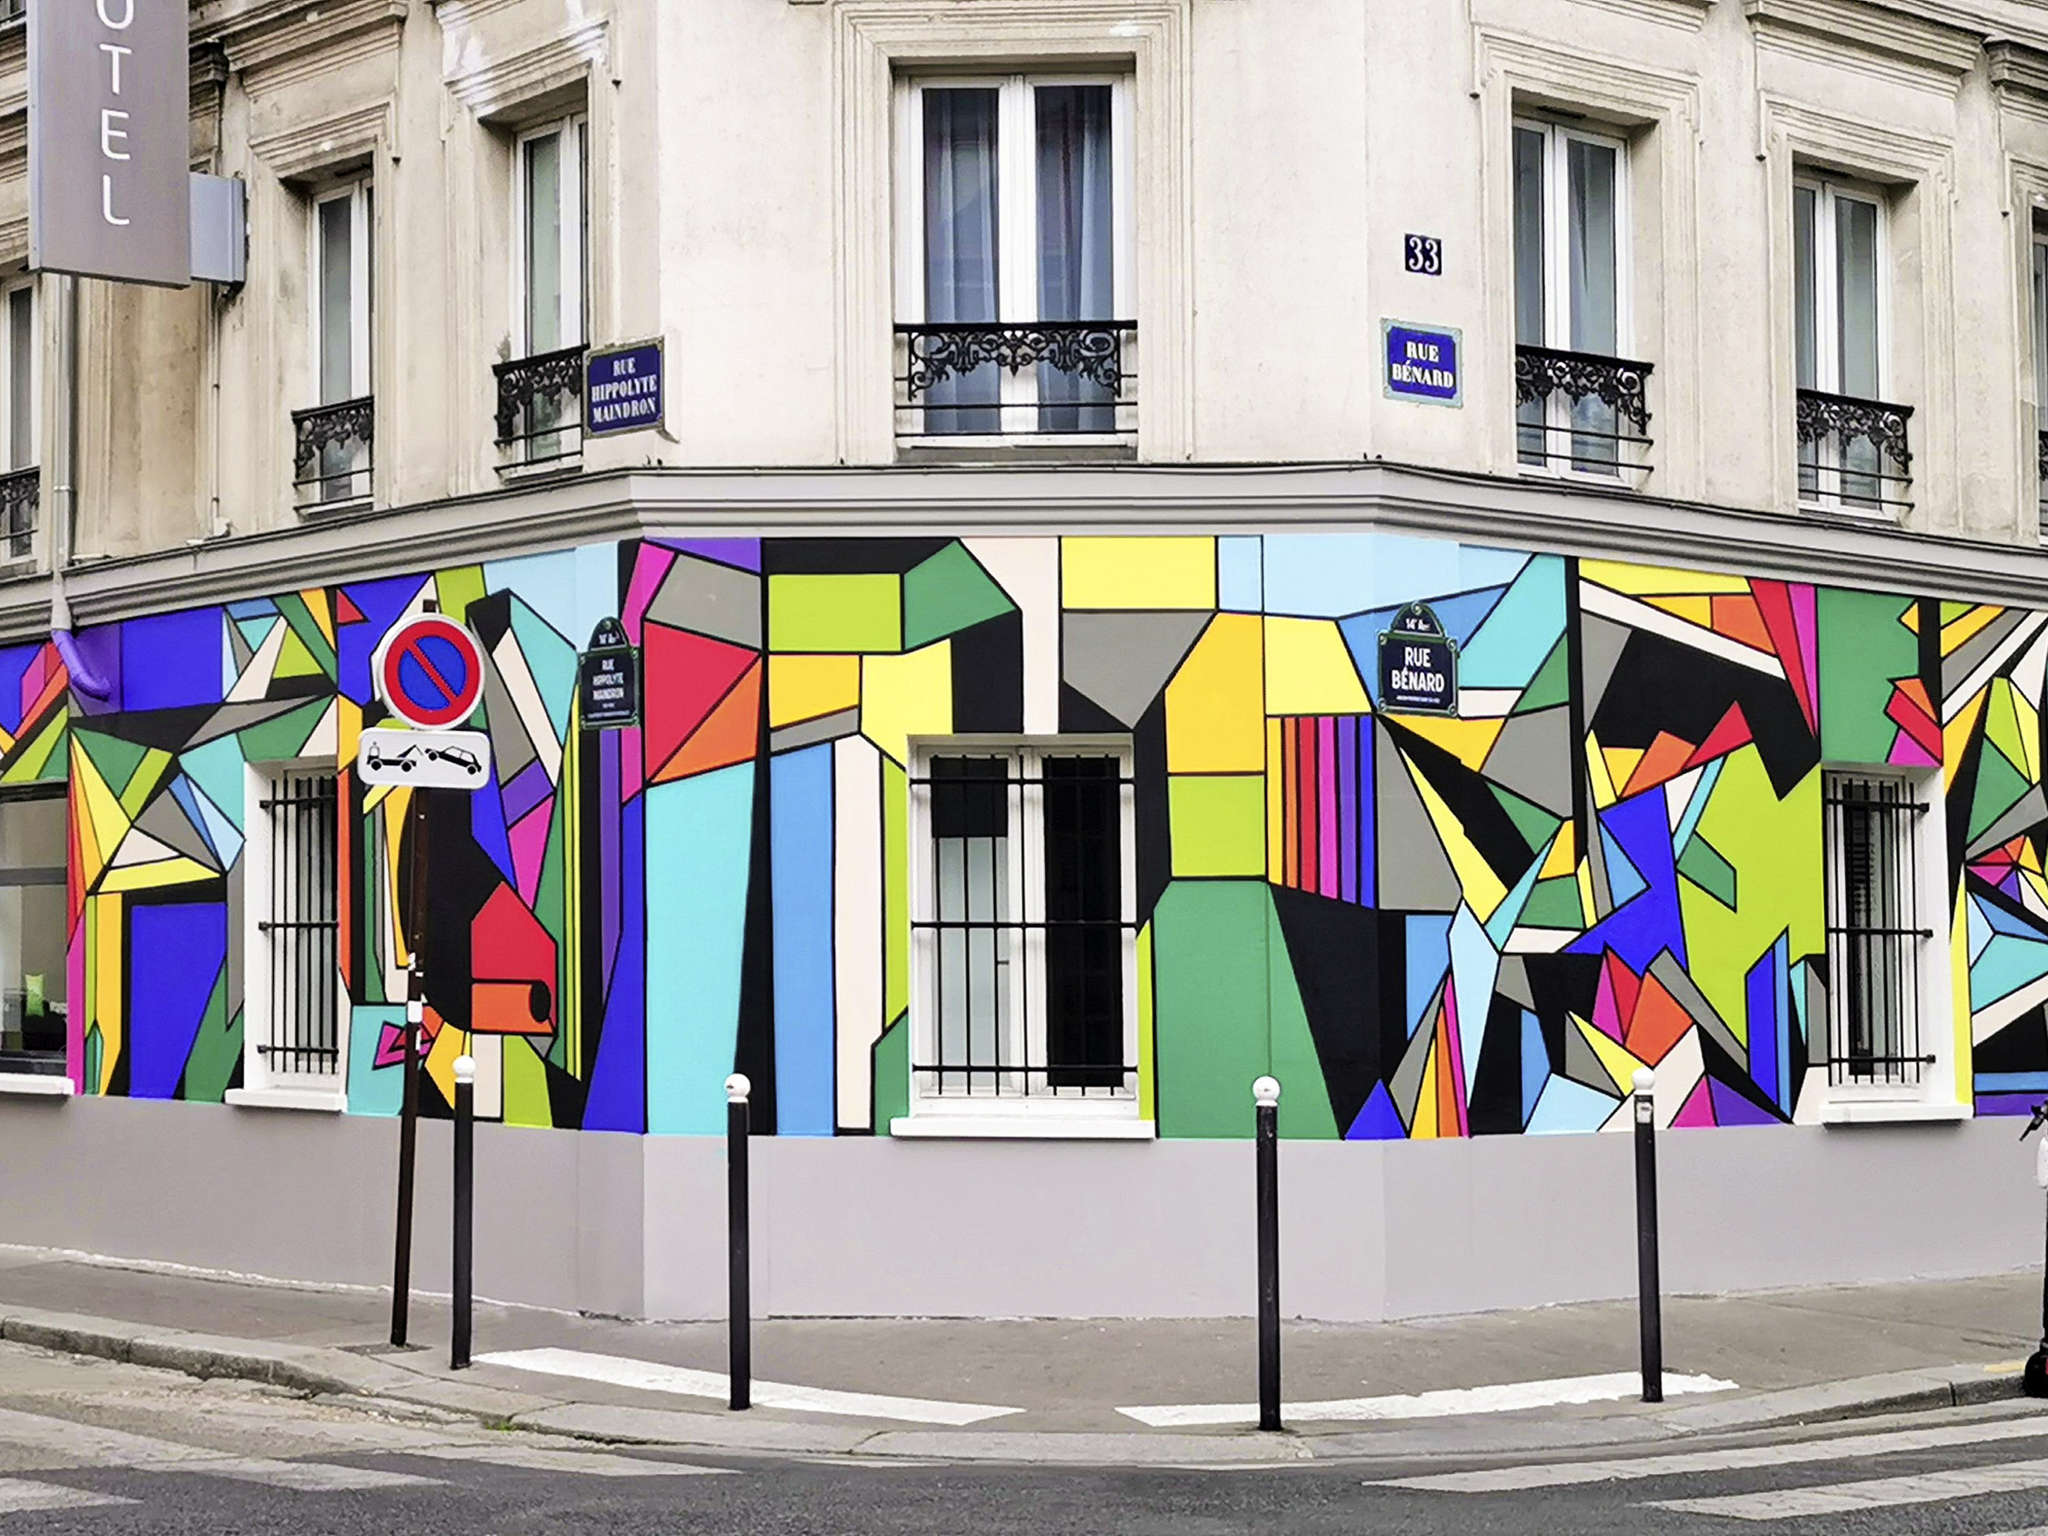 โรงแรม – ไอบิส สไตล์ ปารีส แมน มงต์ปาร์นาส